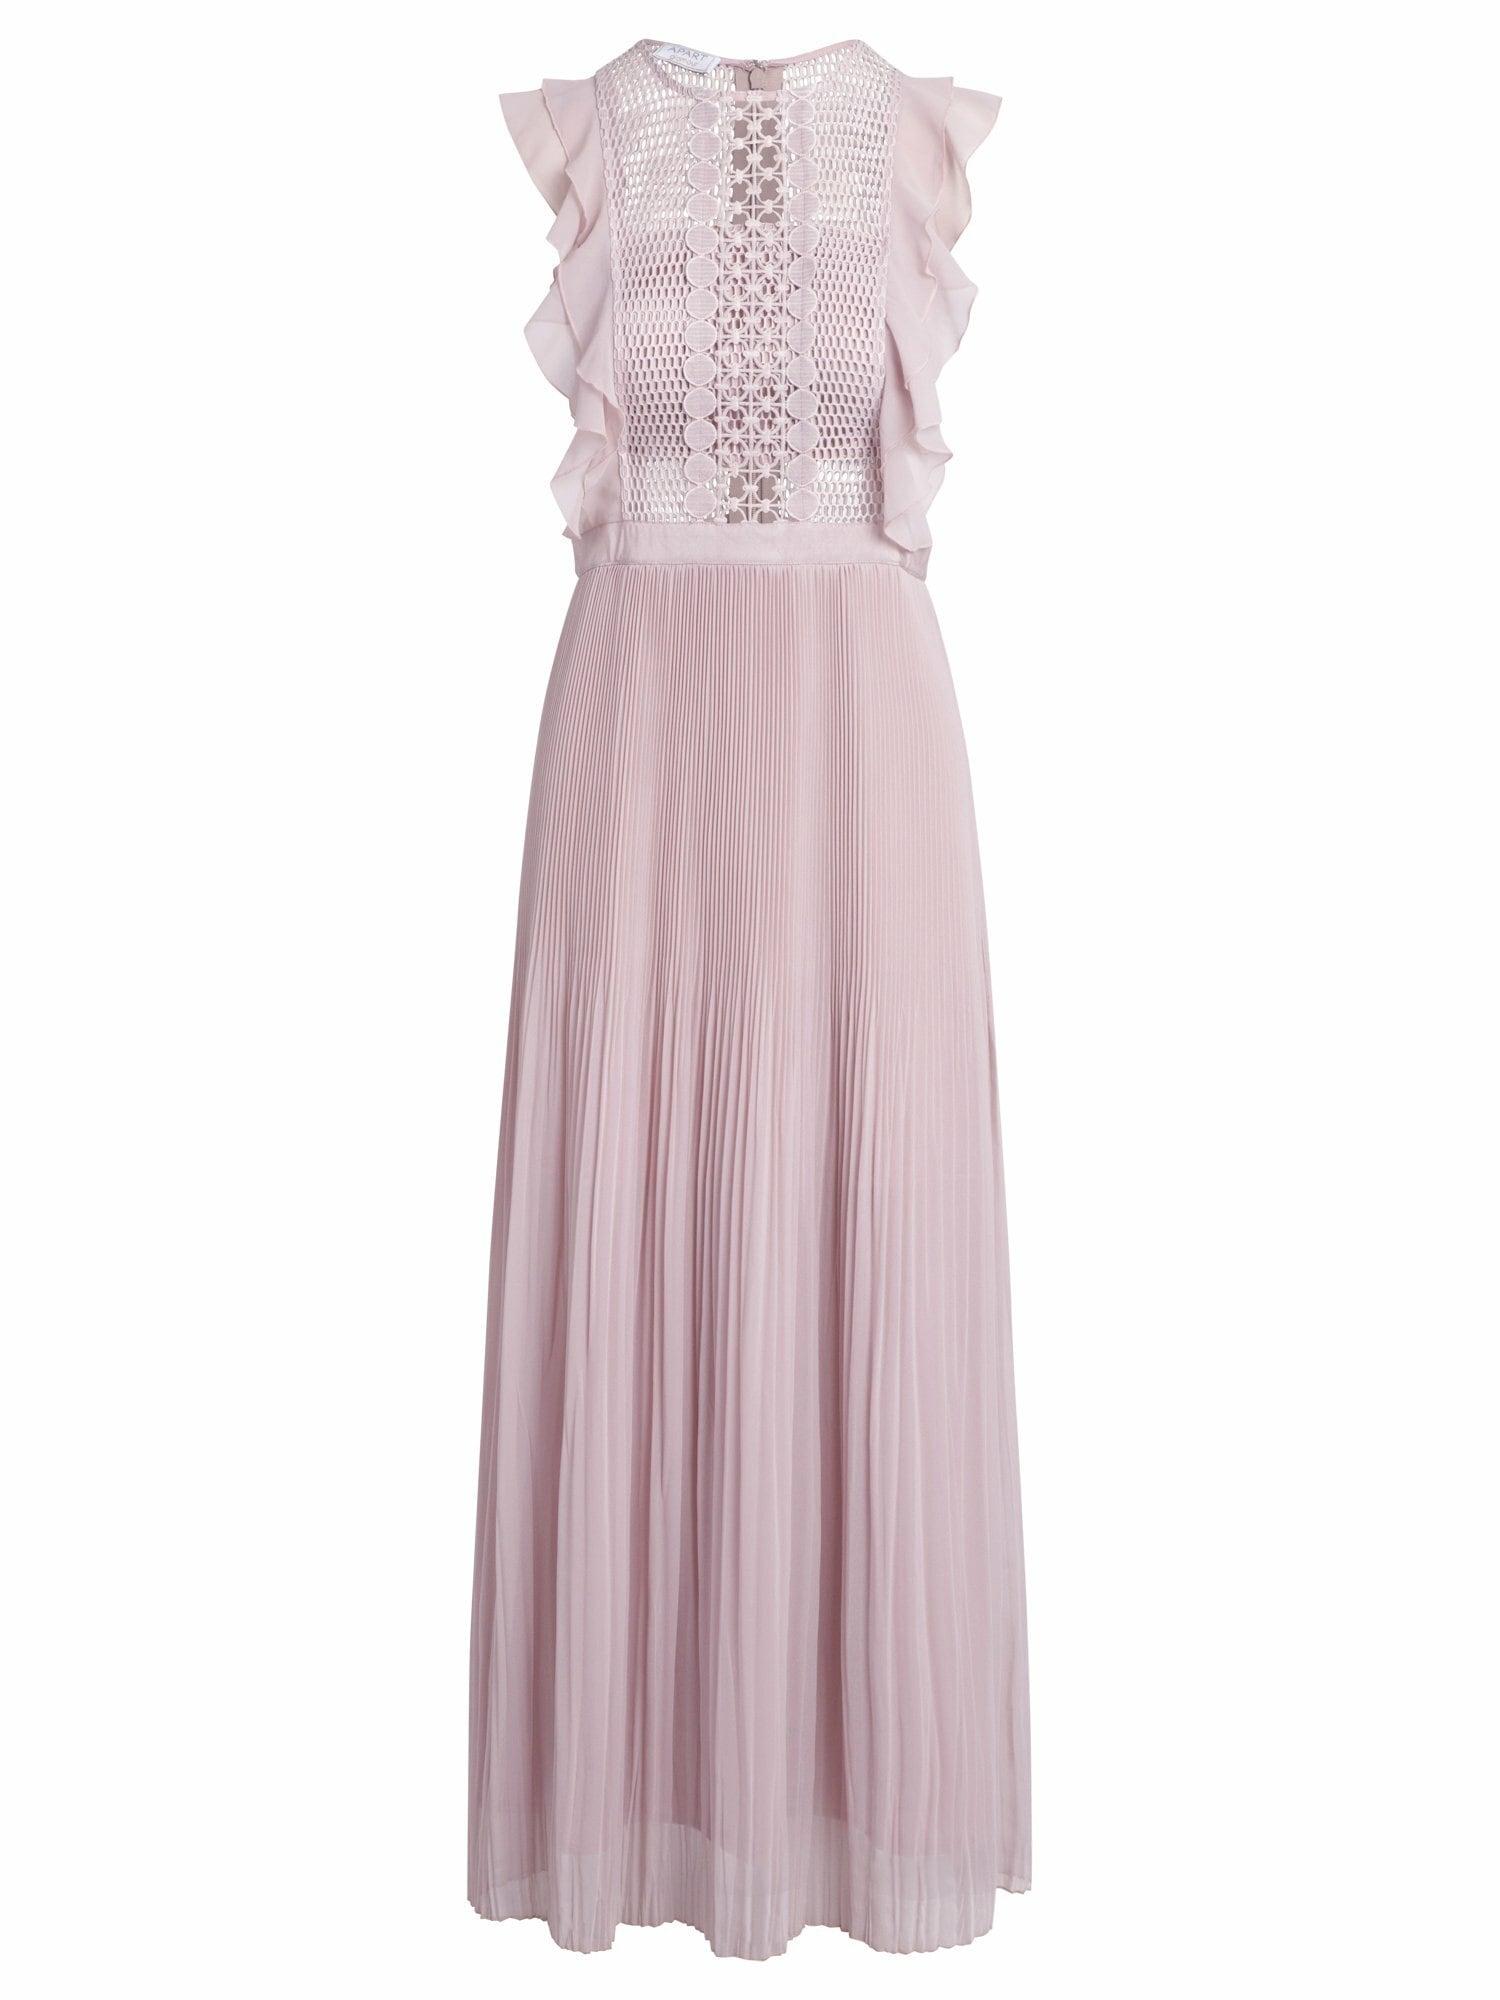 APART Vakarinė suknelė rožių spalva